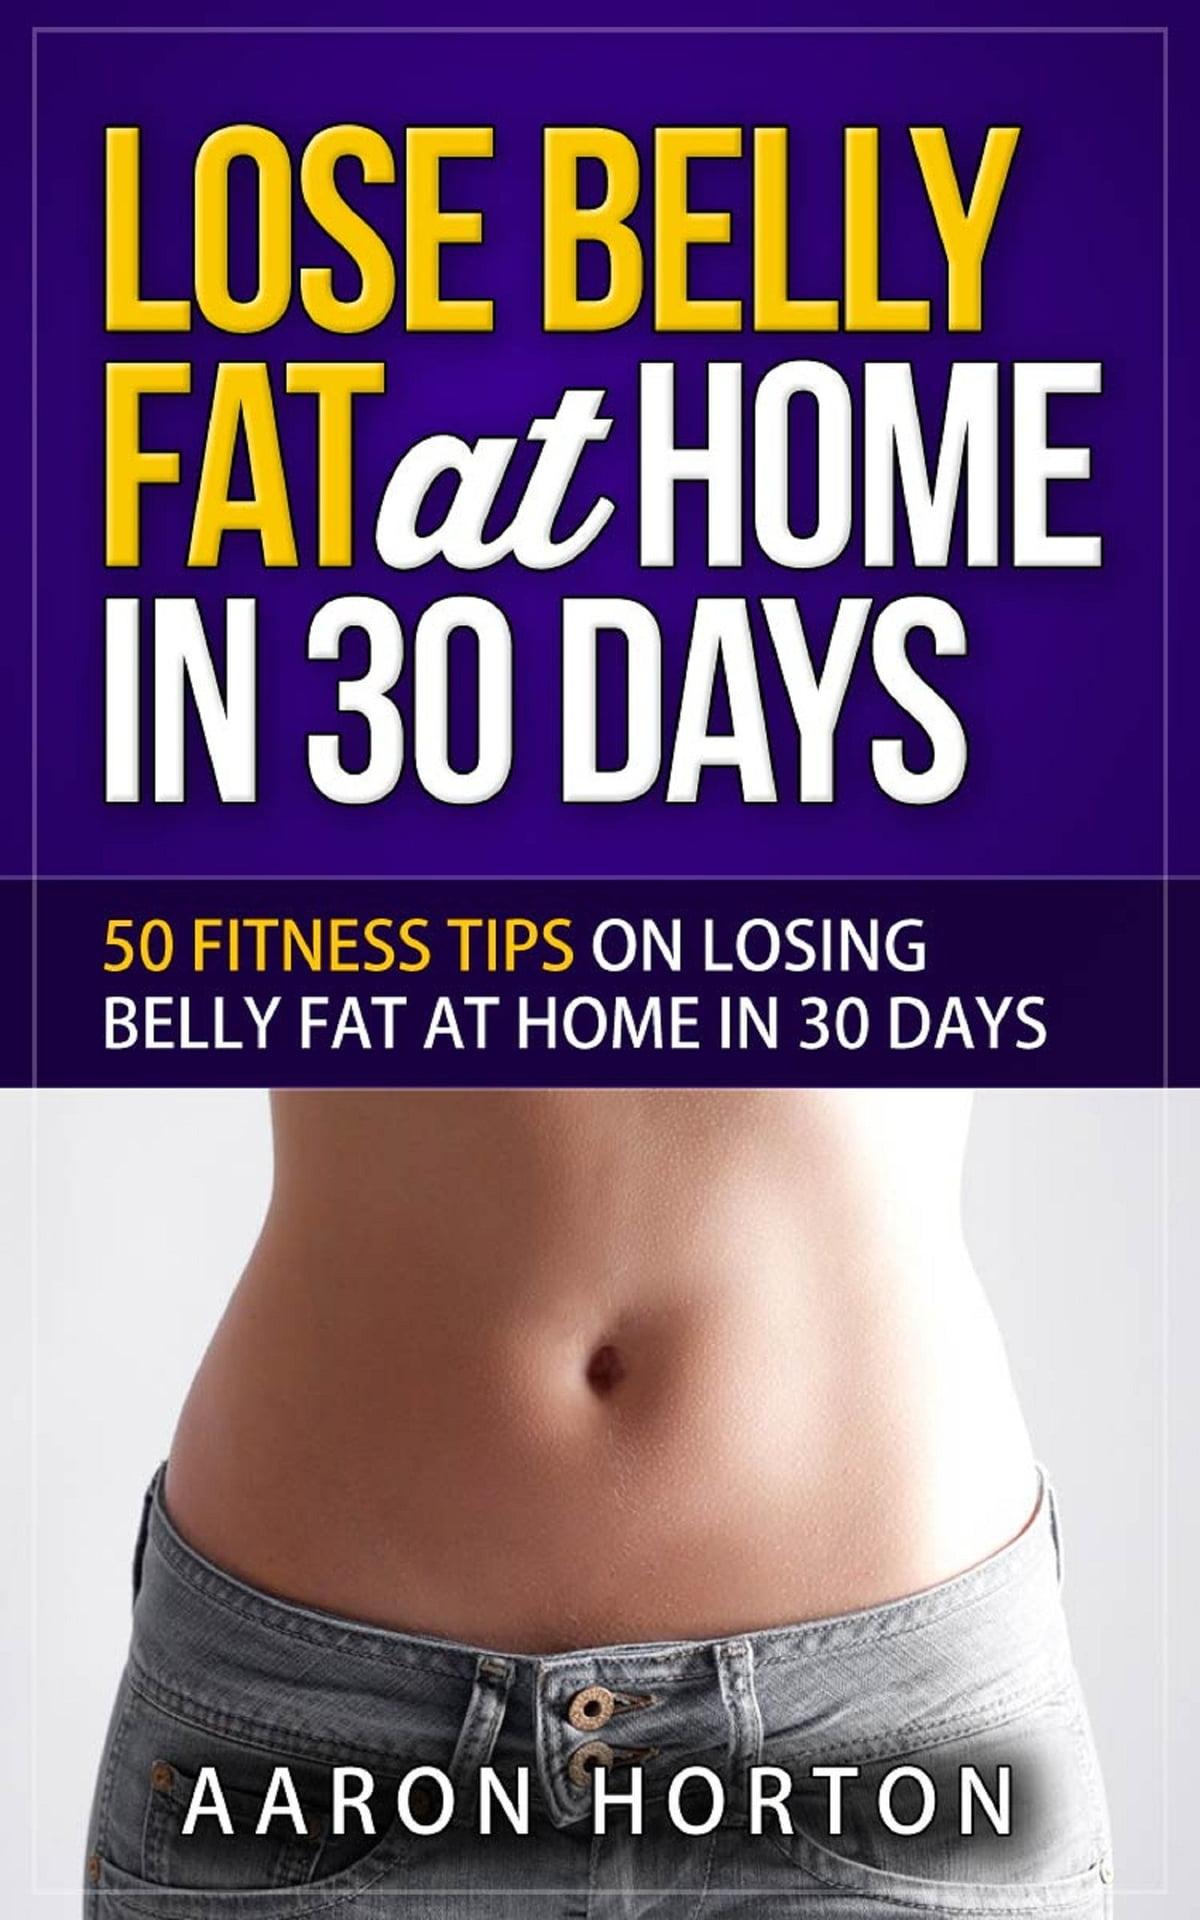 lose belly fat in 30 days larabarok, amelyek rossz a fogyáshoz